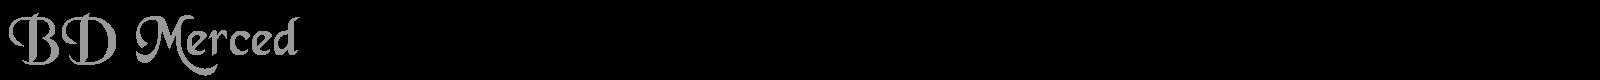 Bd Merced Free Font